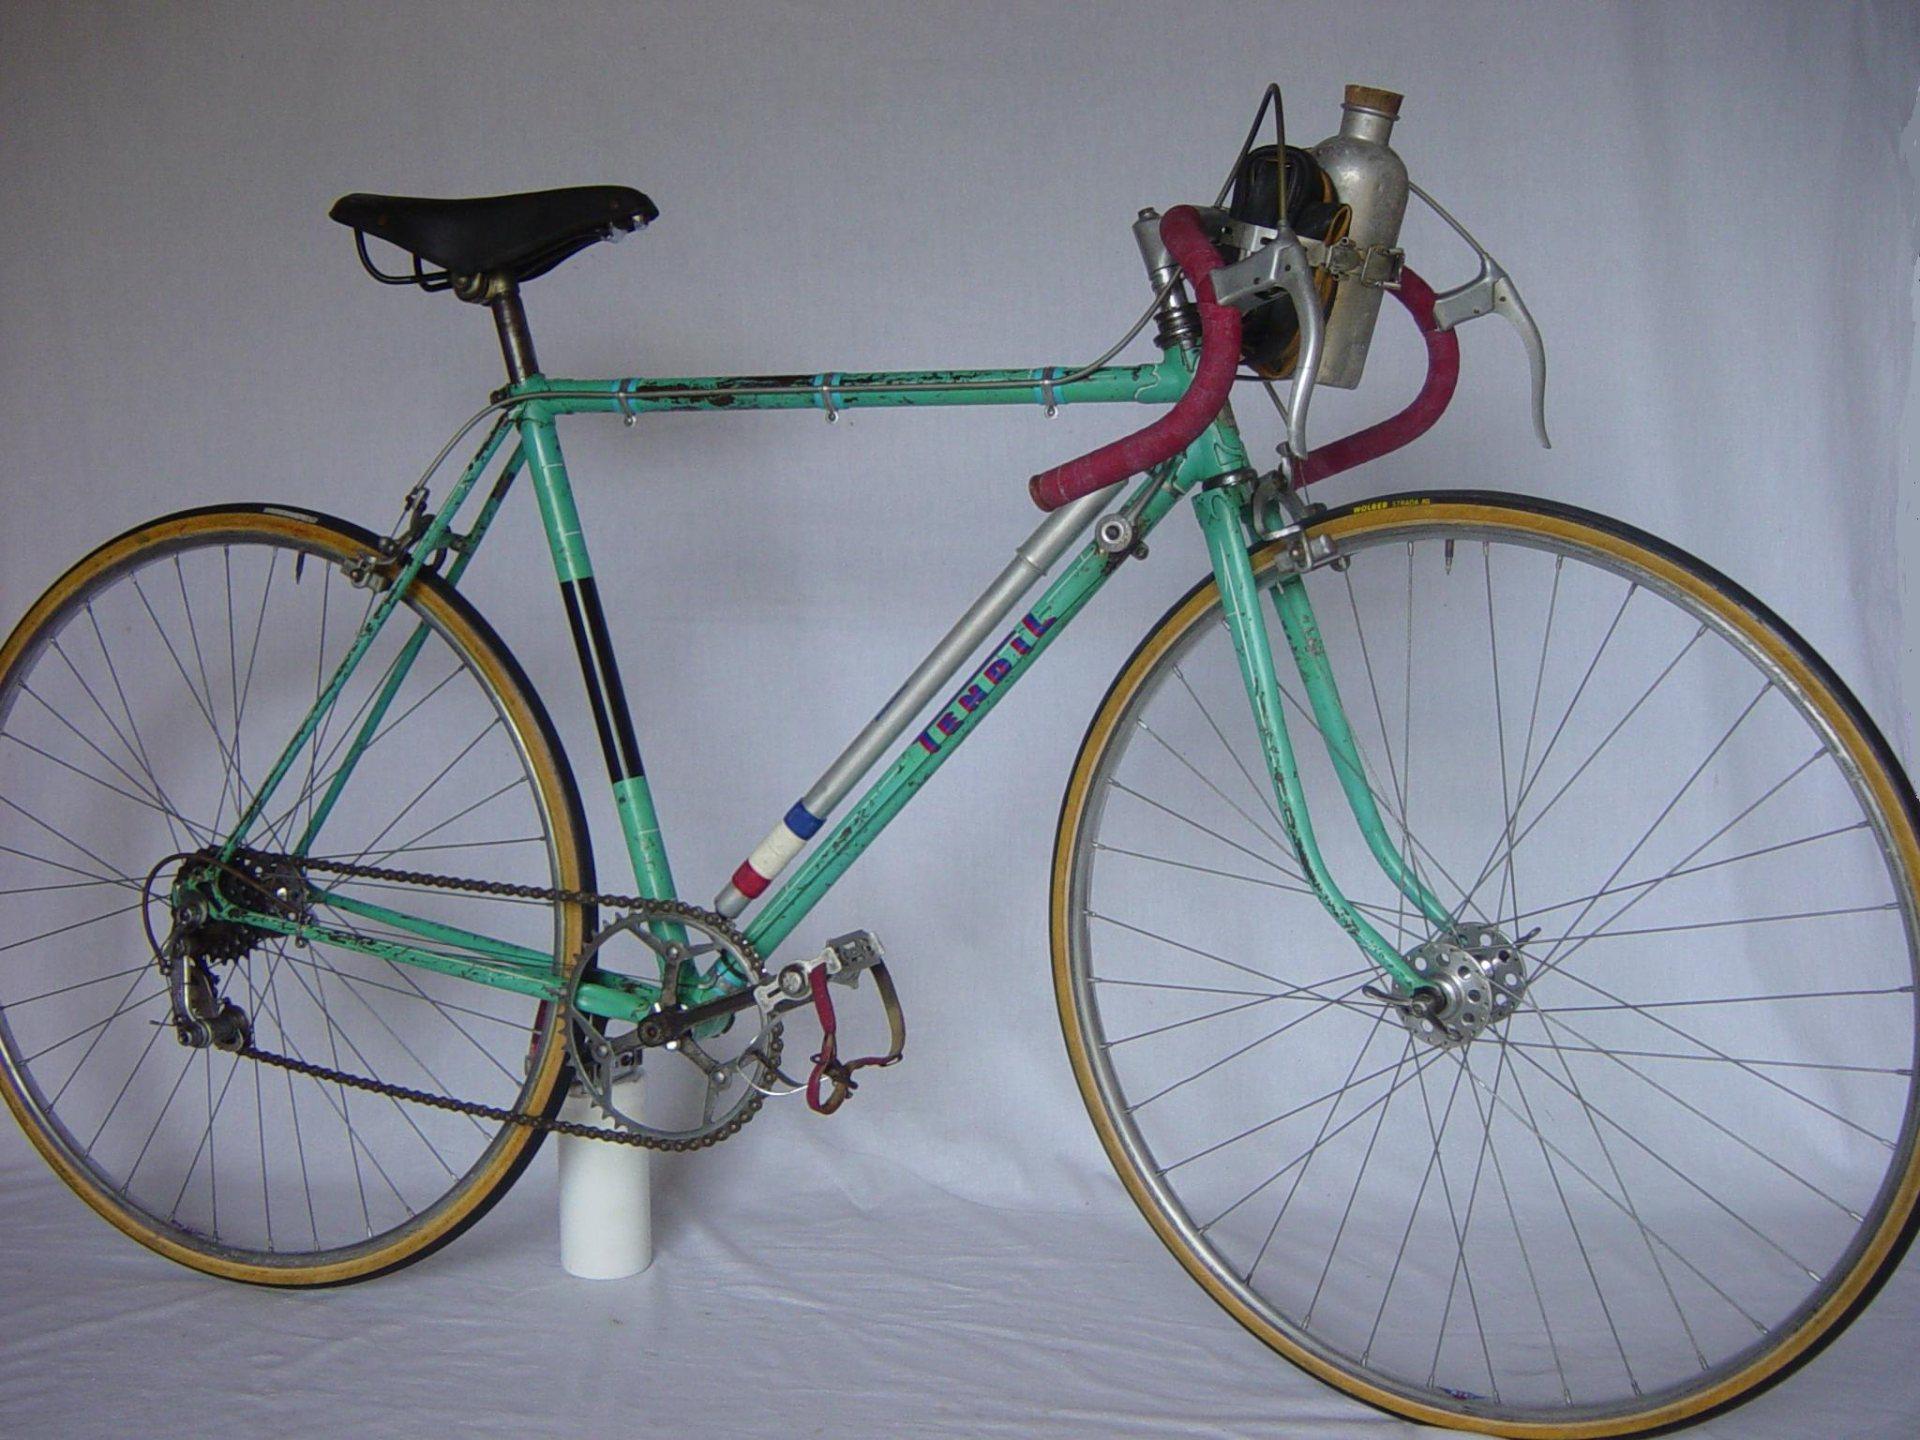 Vélo de course TENDIL 1939 - Page 2 726454bvlotendiltermin